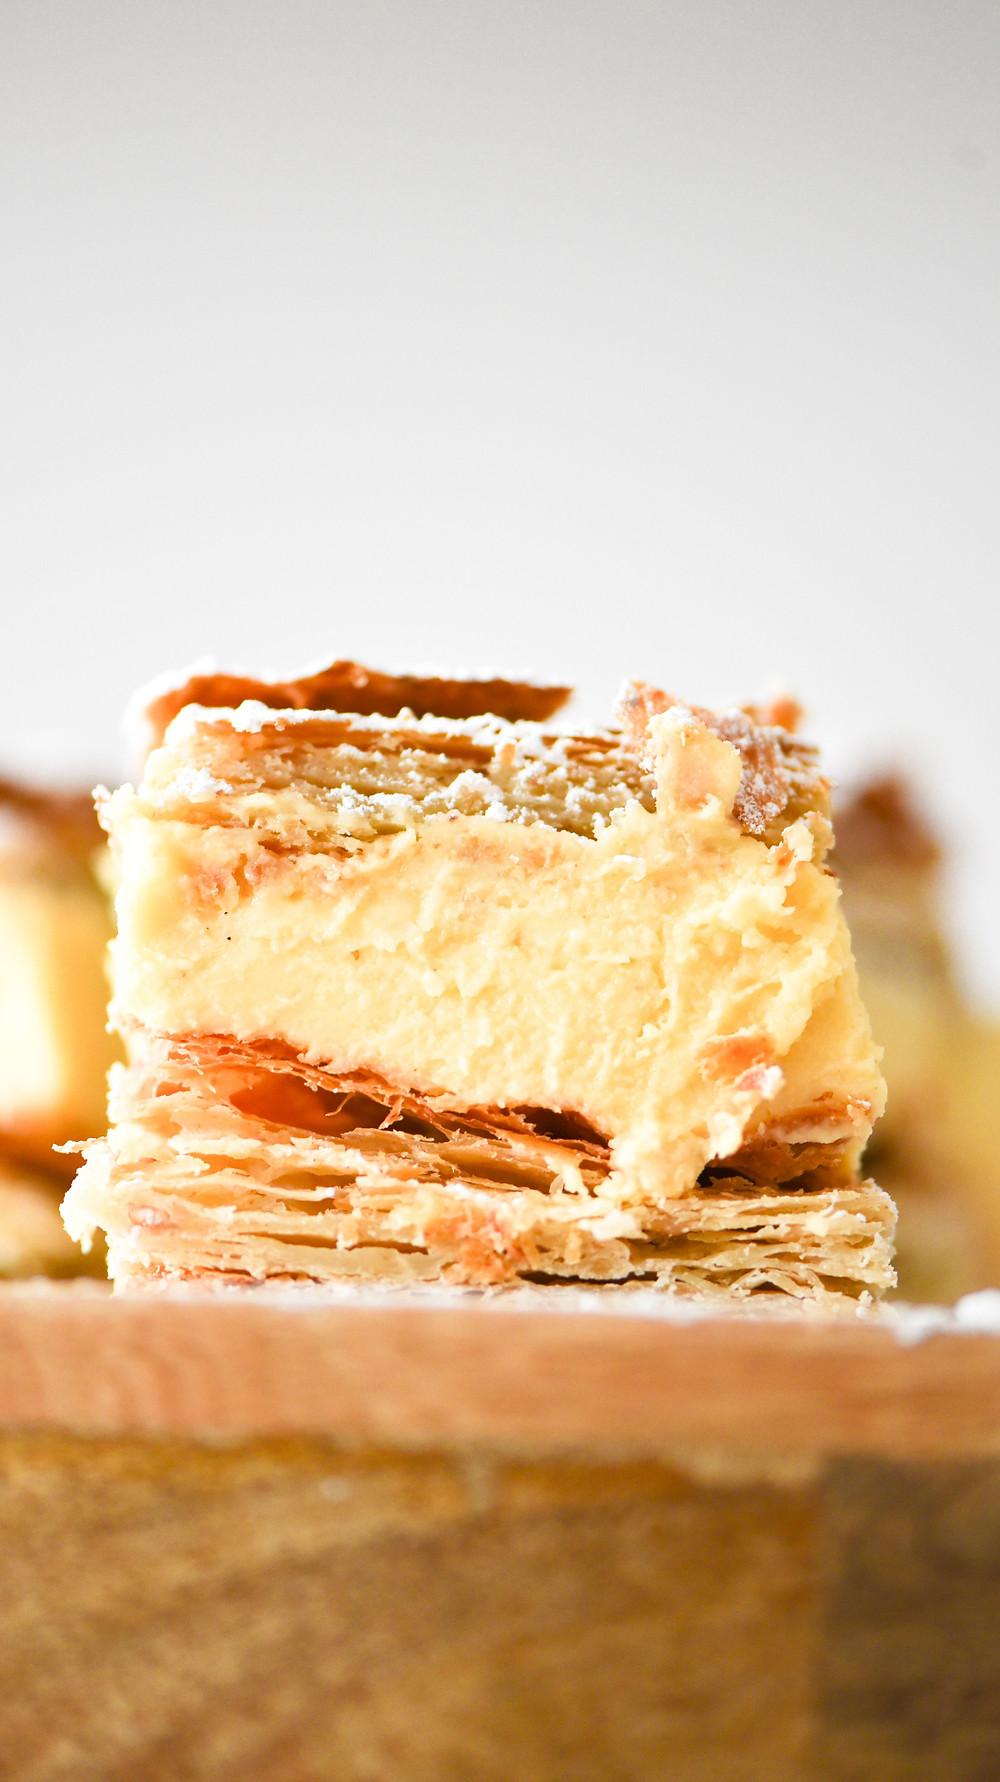 Kremowka - Polish Custard Slice